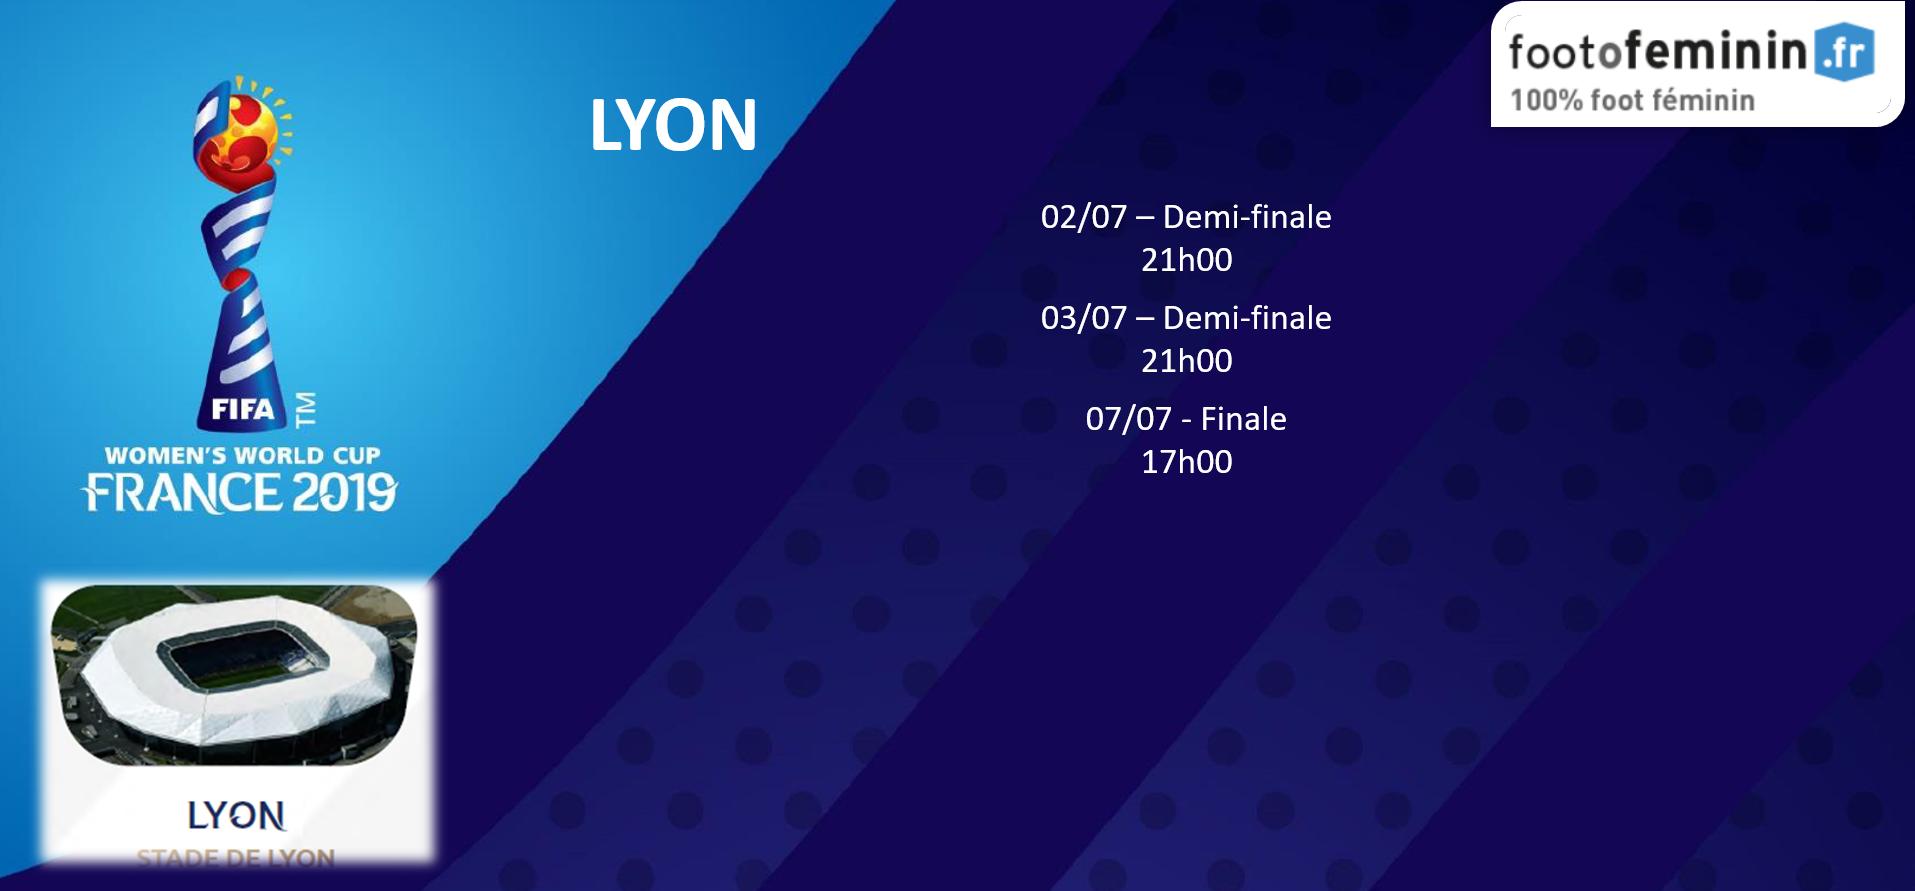 #FIFAWWC - Le calendrier de chaque ville